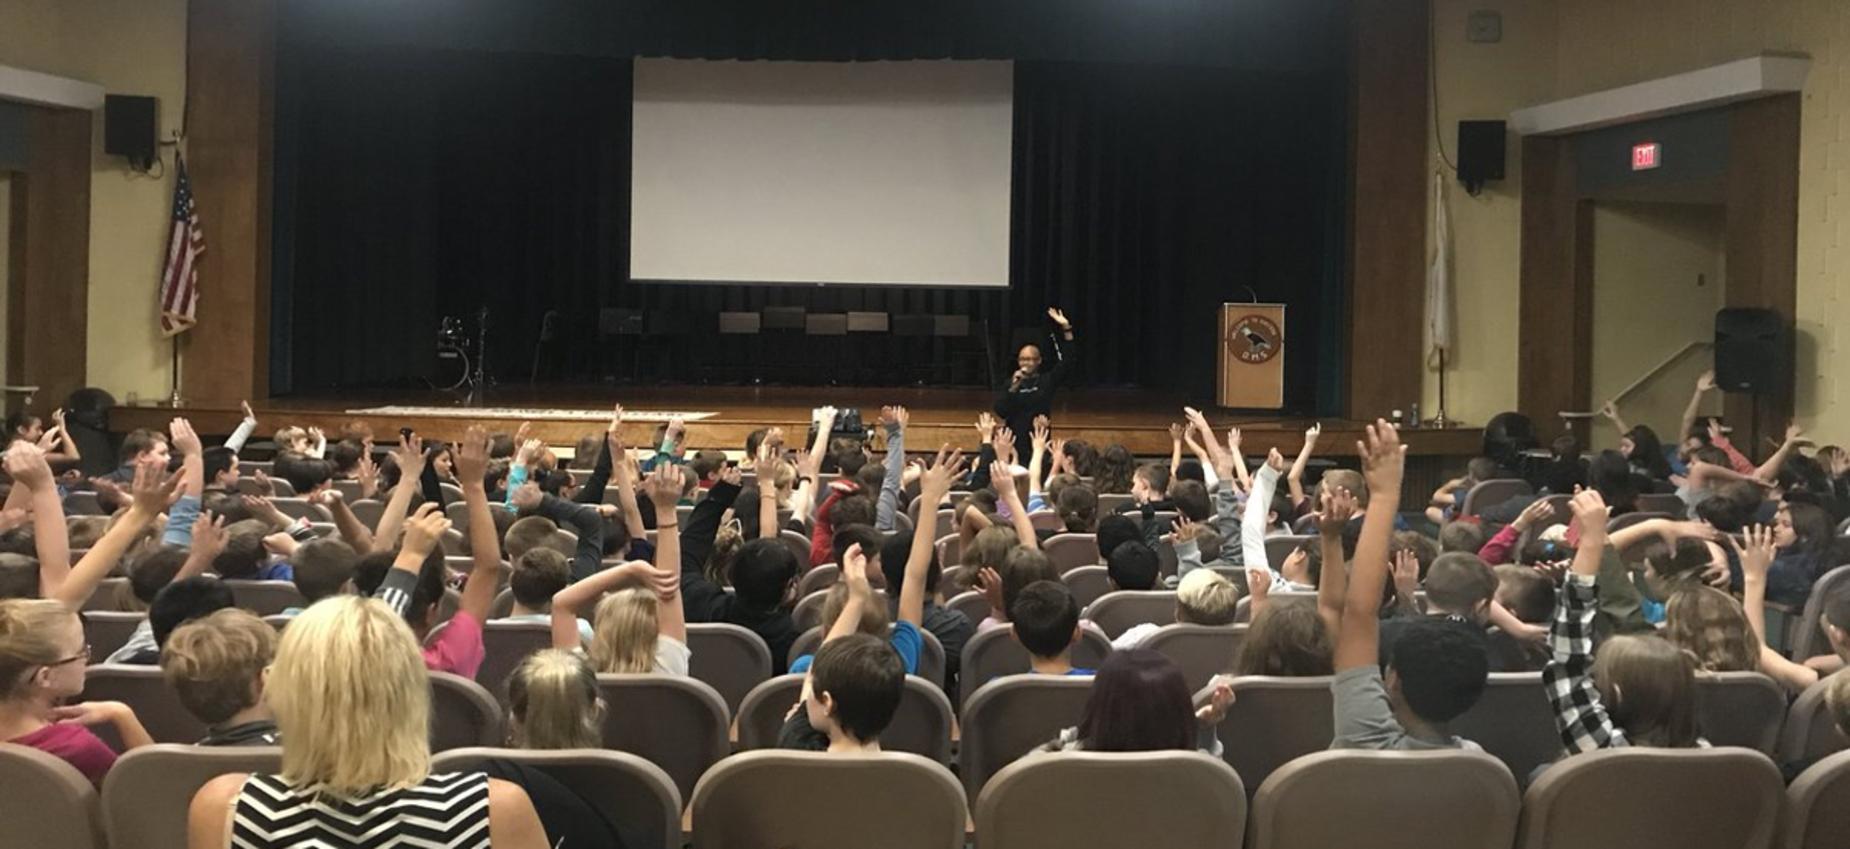 OMS Assemblies